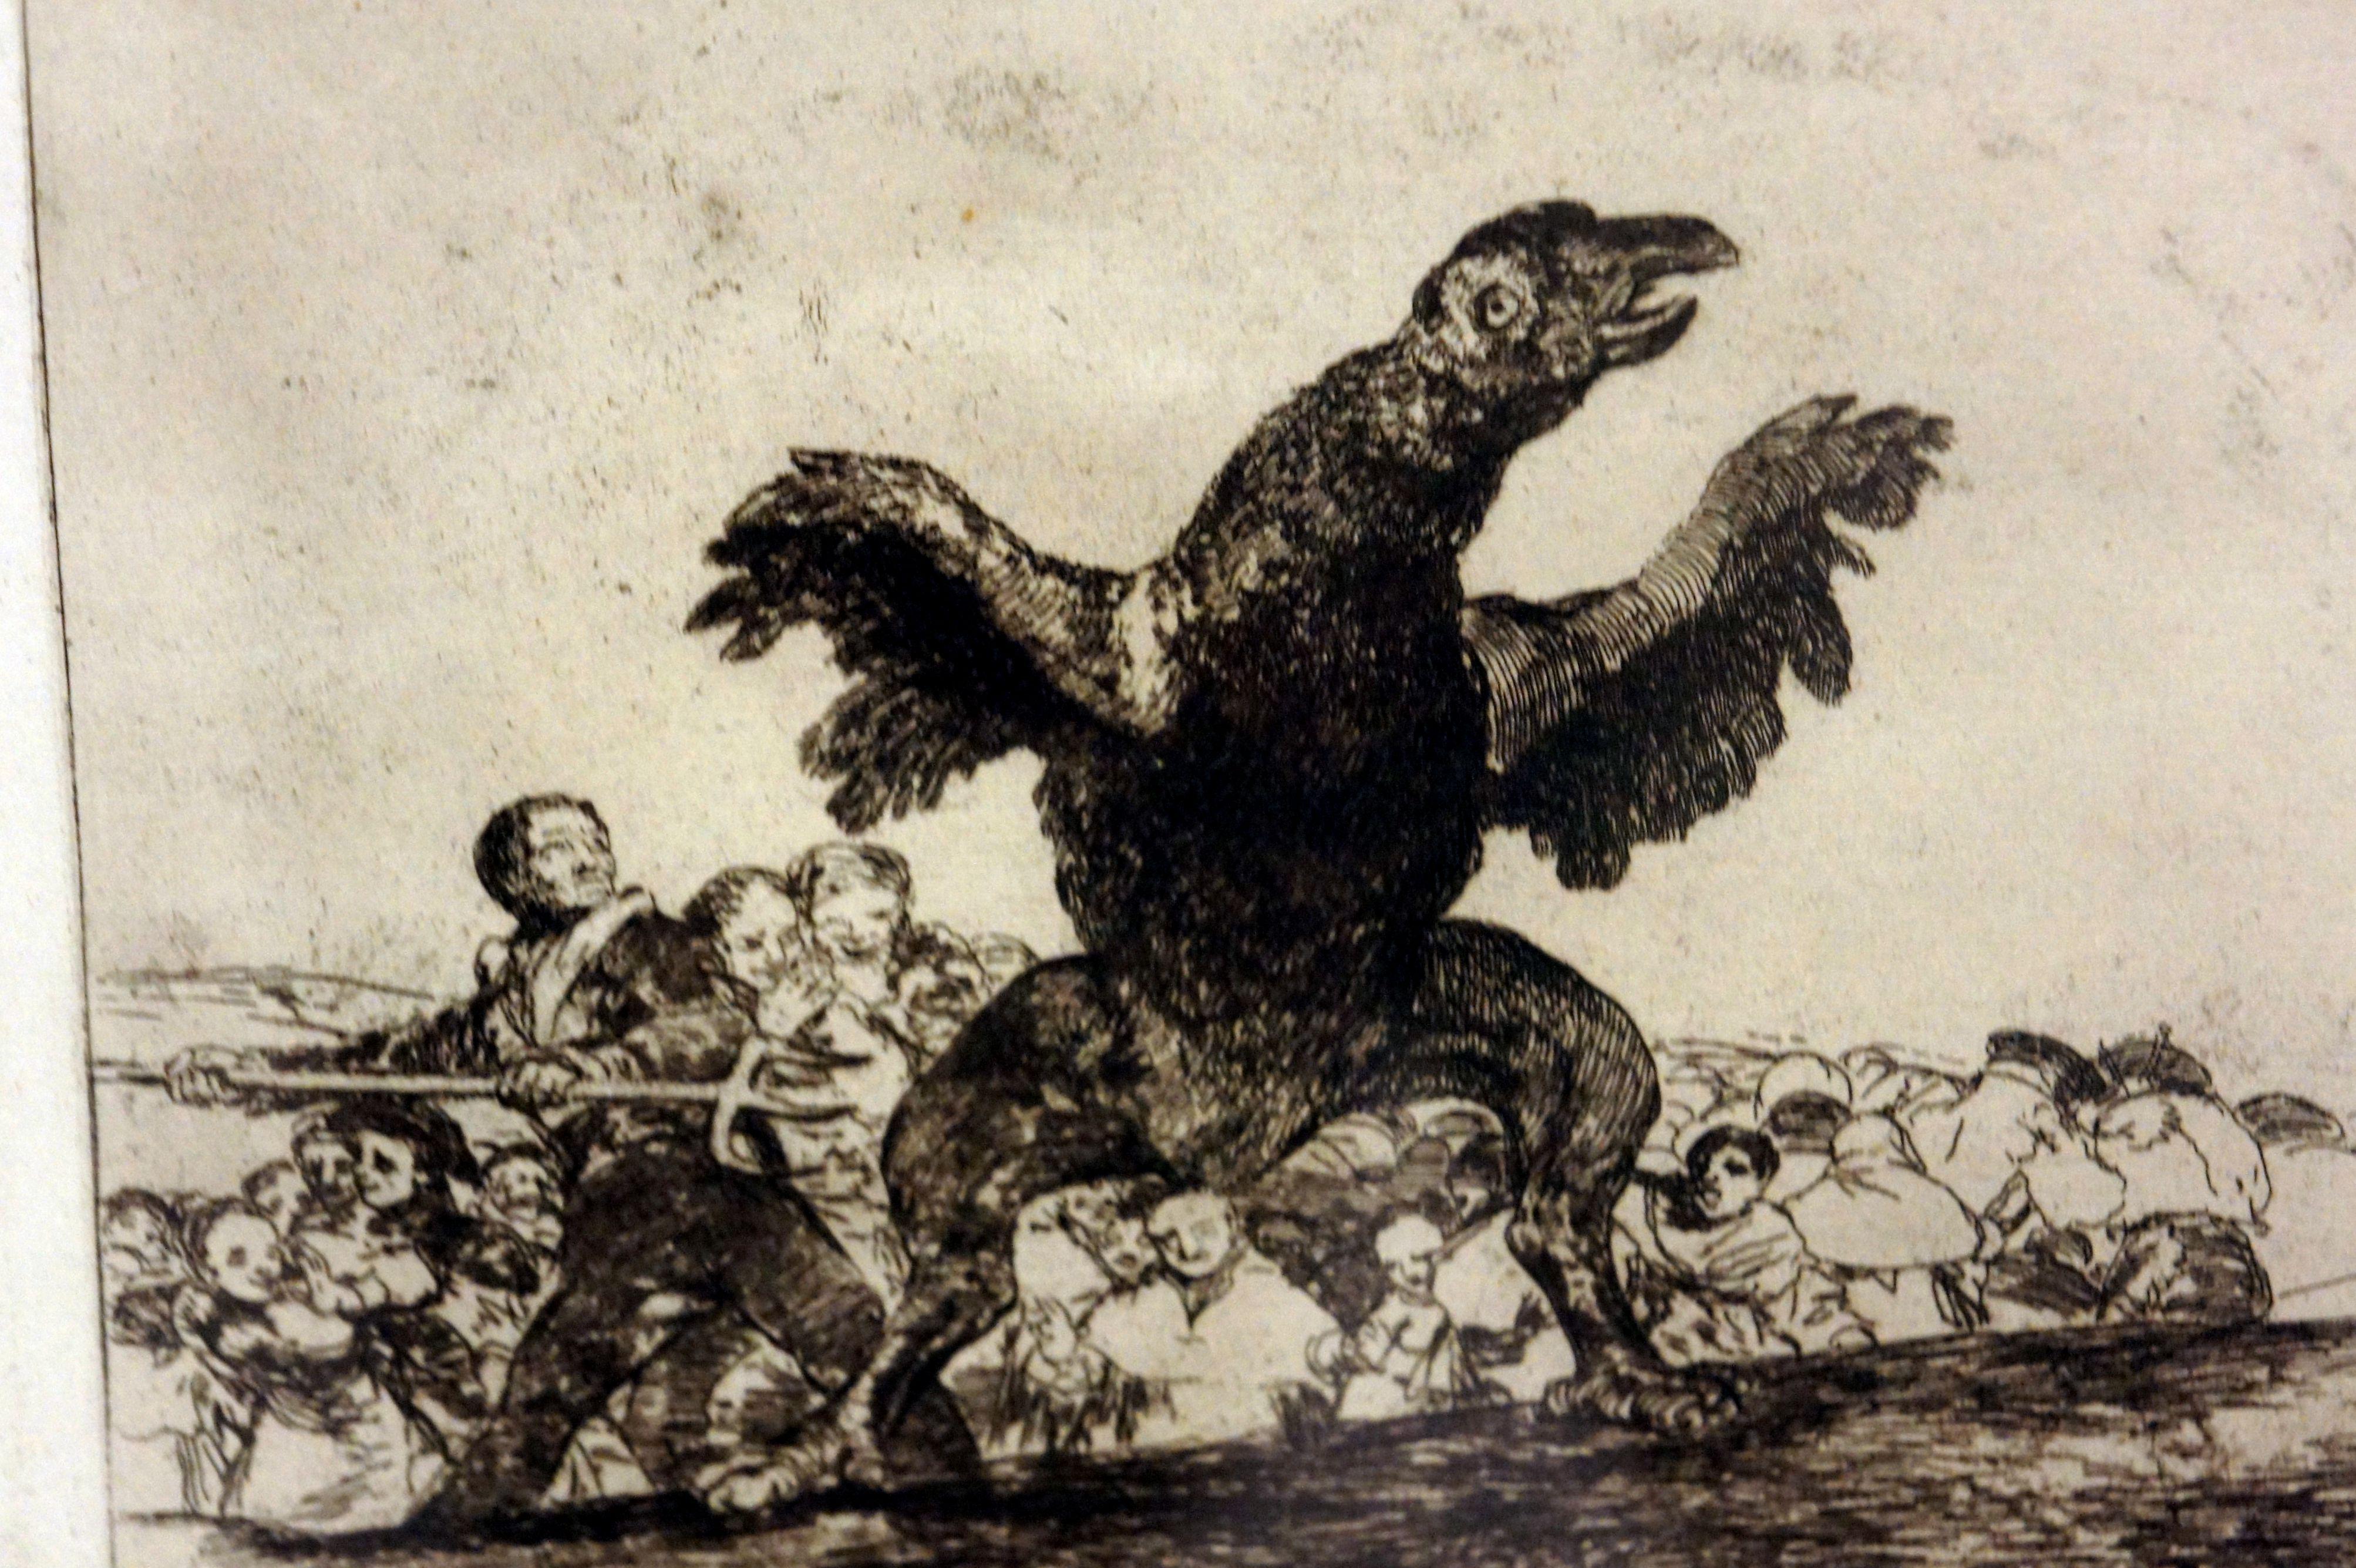 El buitre carnívoro - Wikipedia, la enciclopedia libre